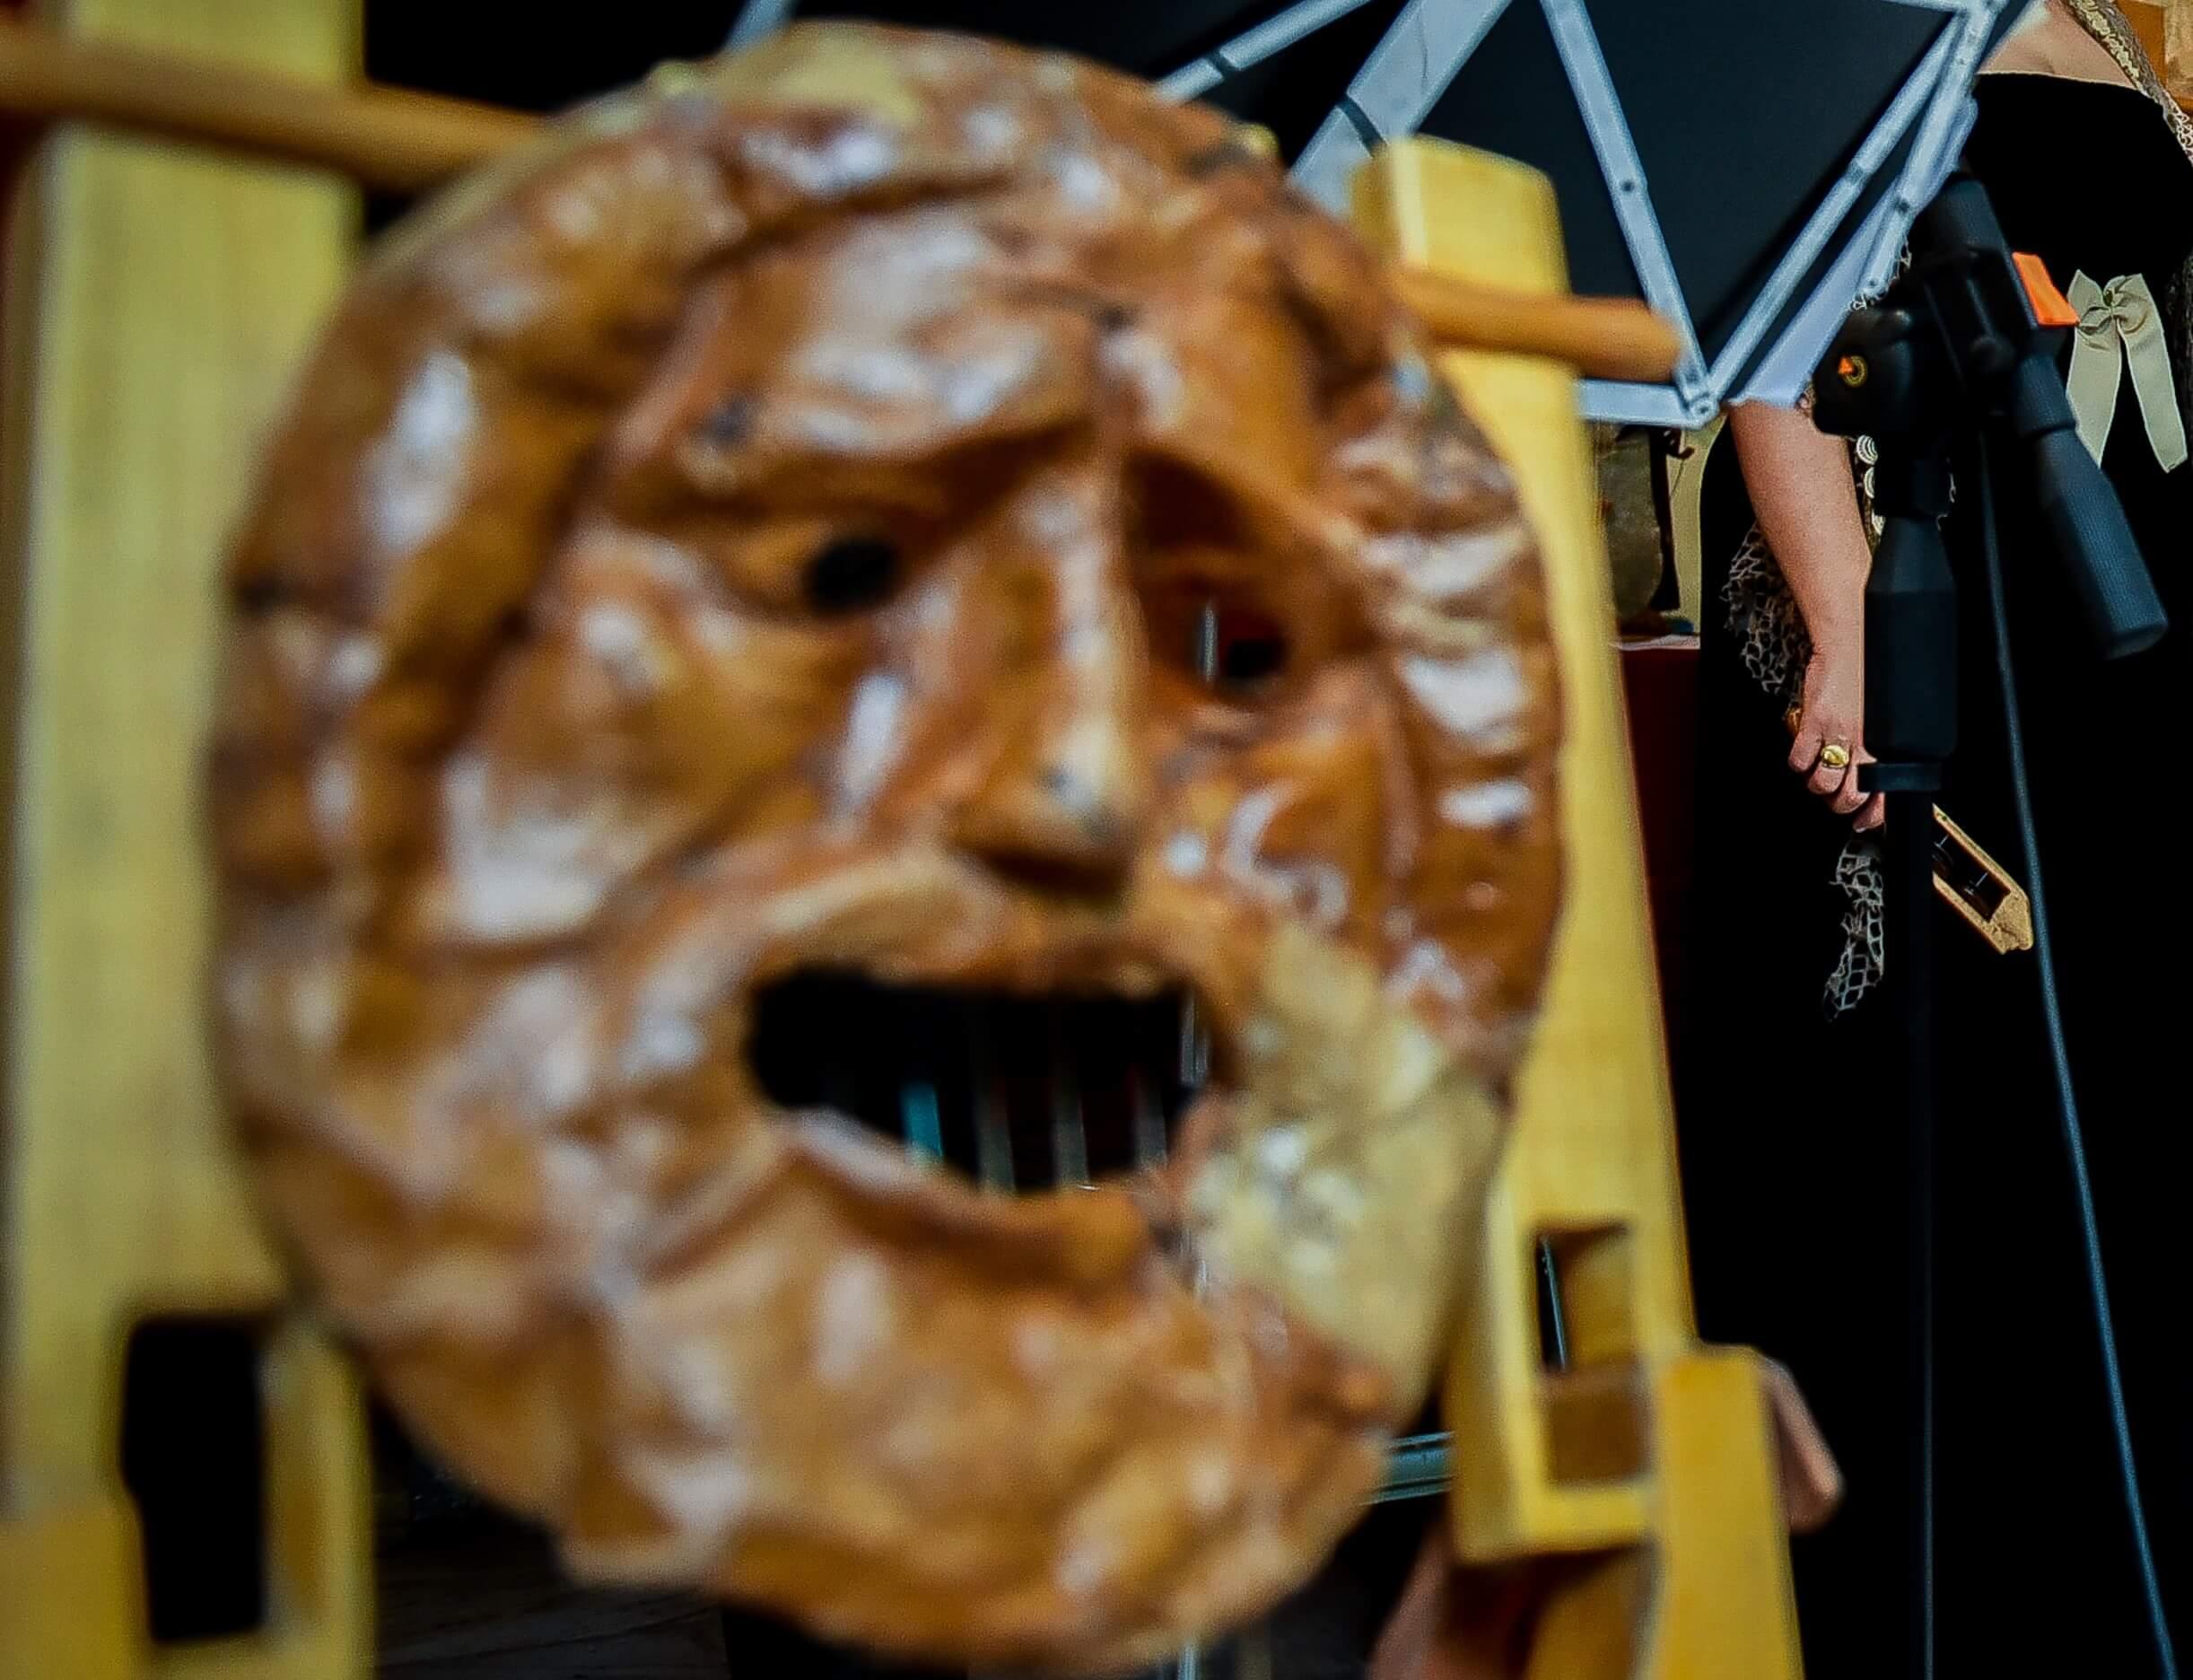 Καλαμάτα: Δάκρυα και παρακάλια για την άγρια ληστεία σε βάρος μαθητών με αποκριάτικες μάσκες!